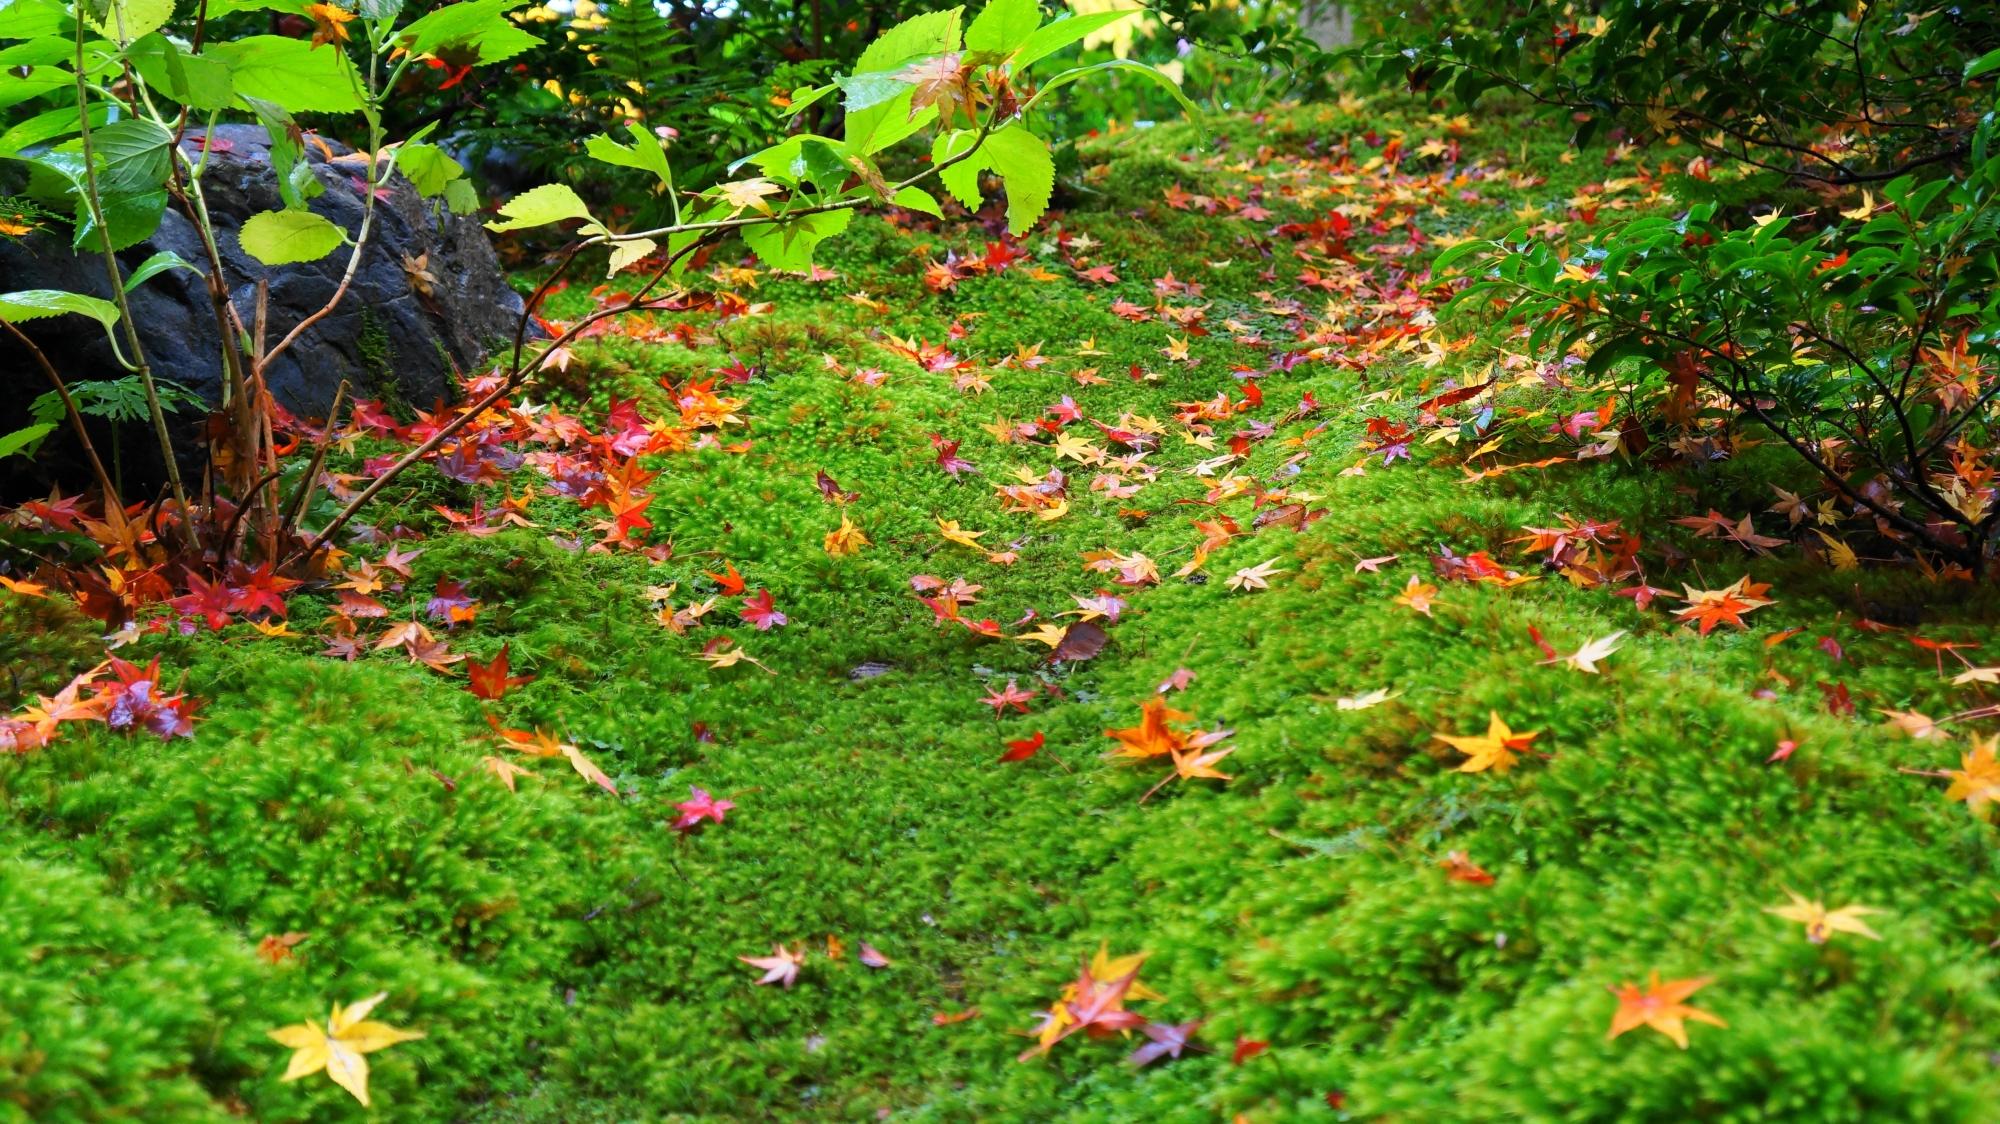 瑠璃光院の緑の苔に散る華やかな紅葉